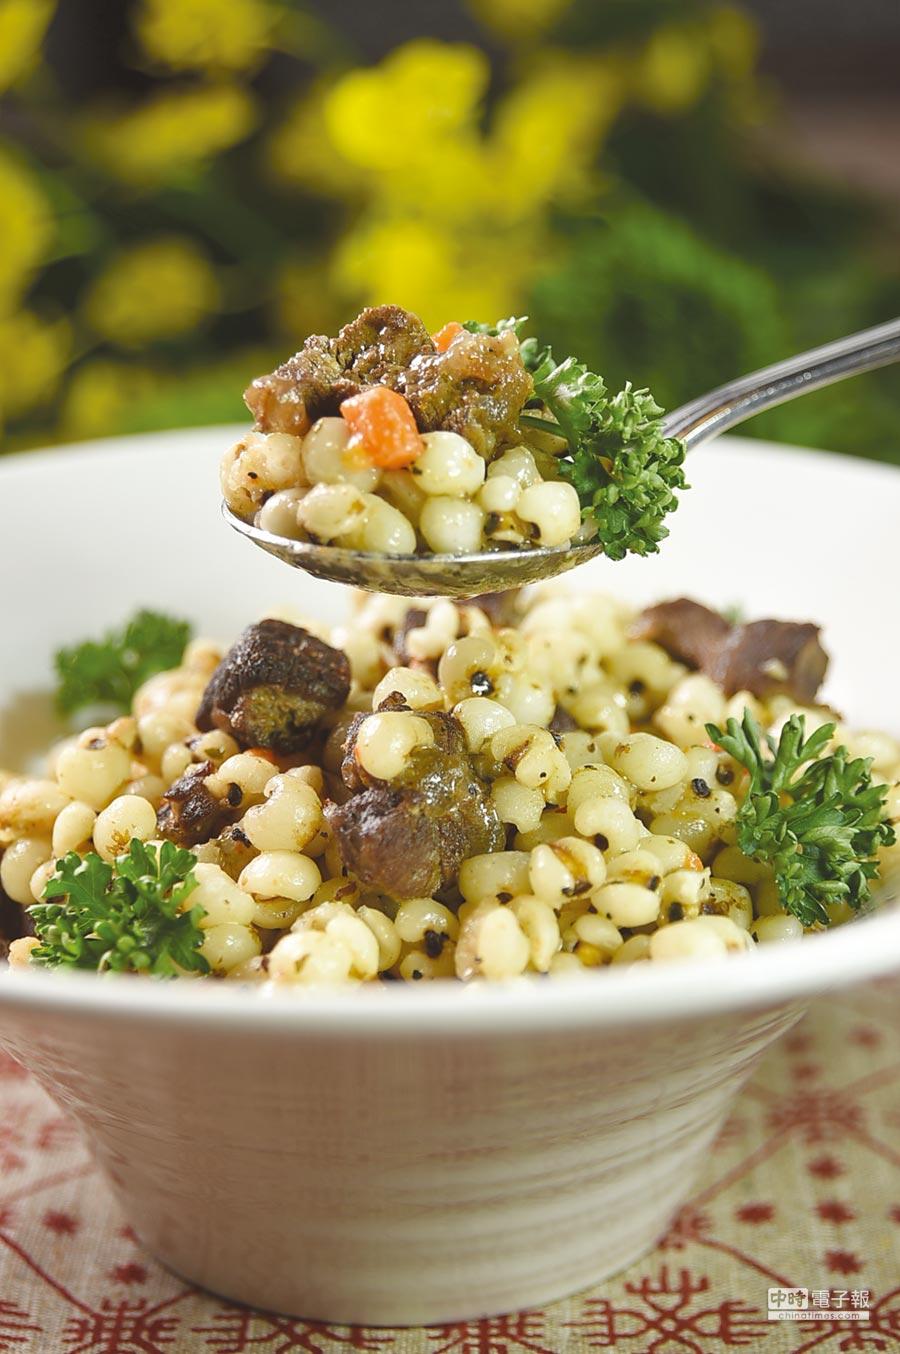 極地住民料理鹿肉傳統都很簡單,不是水煮就是燒烤,台北圓山俄羅斯美食節中的〈珍珠米燉鹿肉〉則較精緻。圖/姚舜